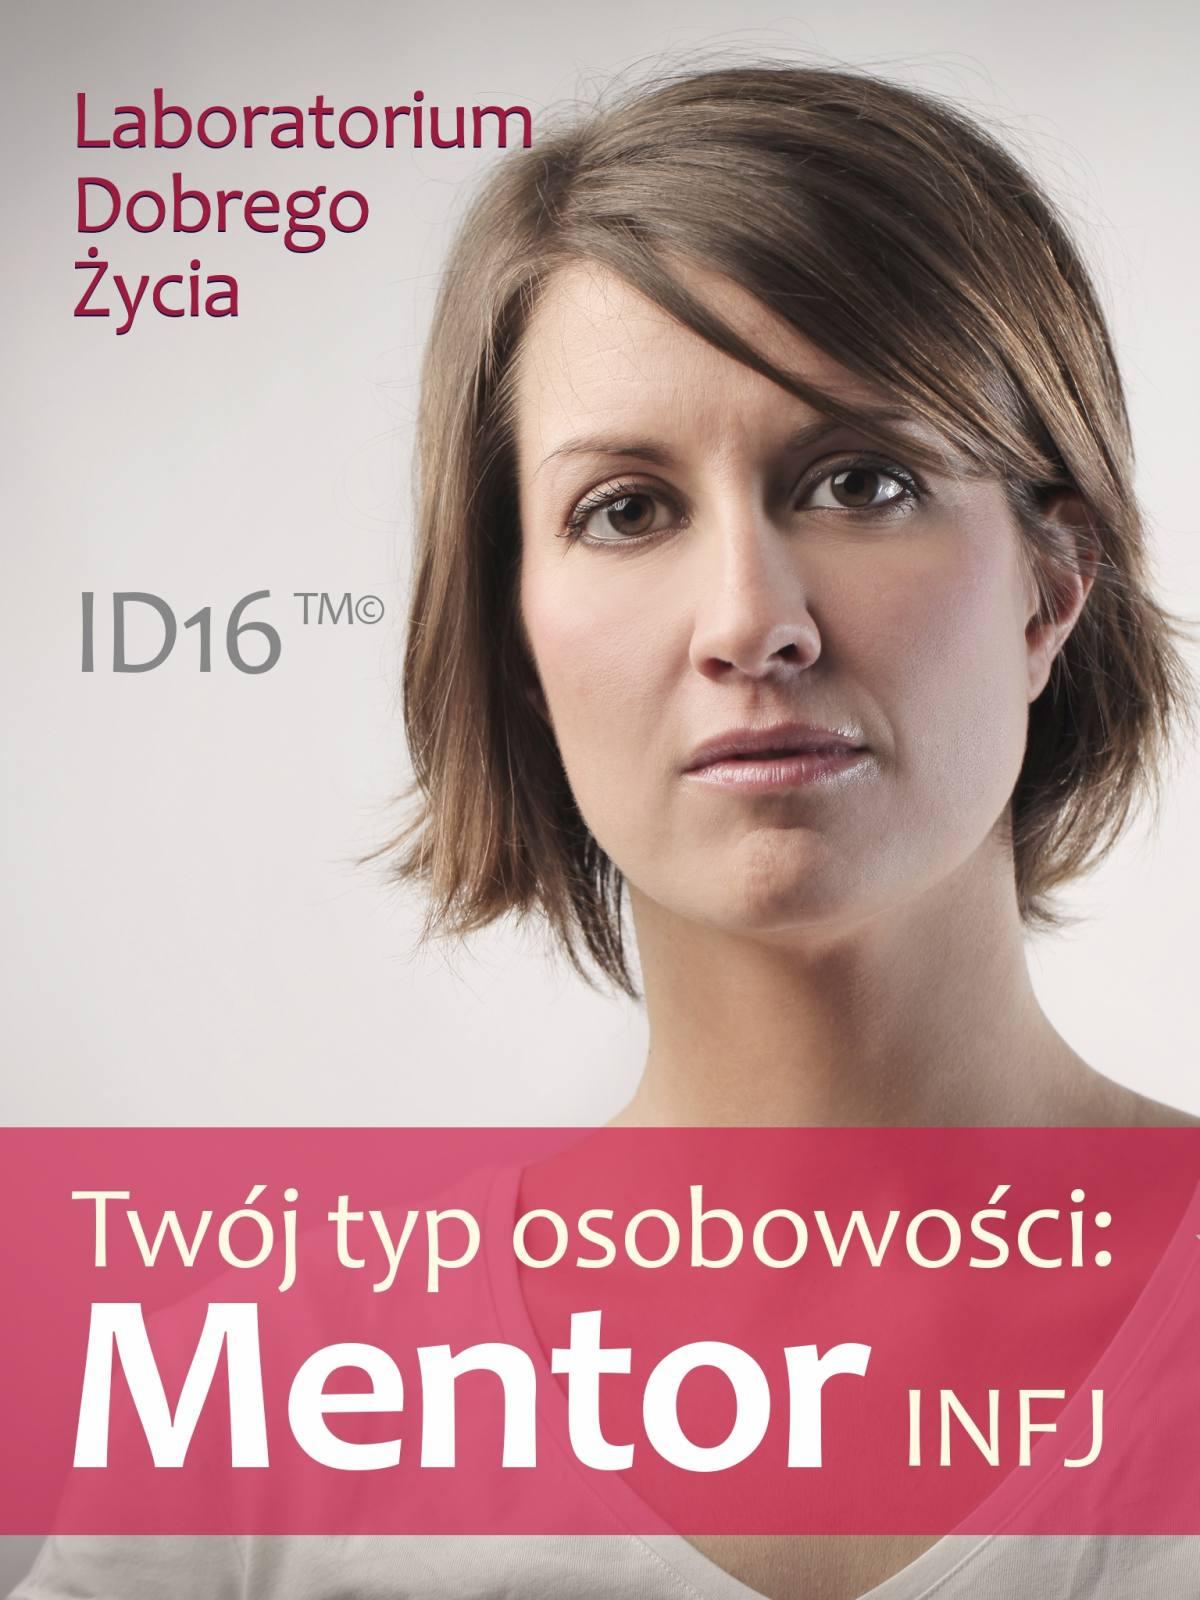 Twój typ osobowości: Mentor (INFJ) - Ebook (Książka na Kindle) do pobrania w formacie MOBI